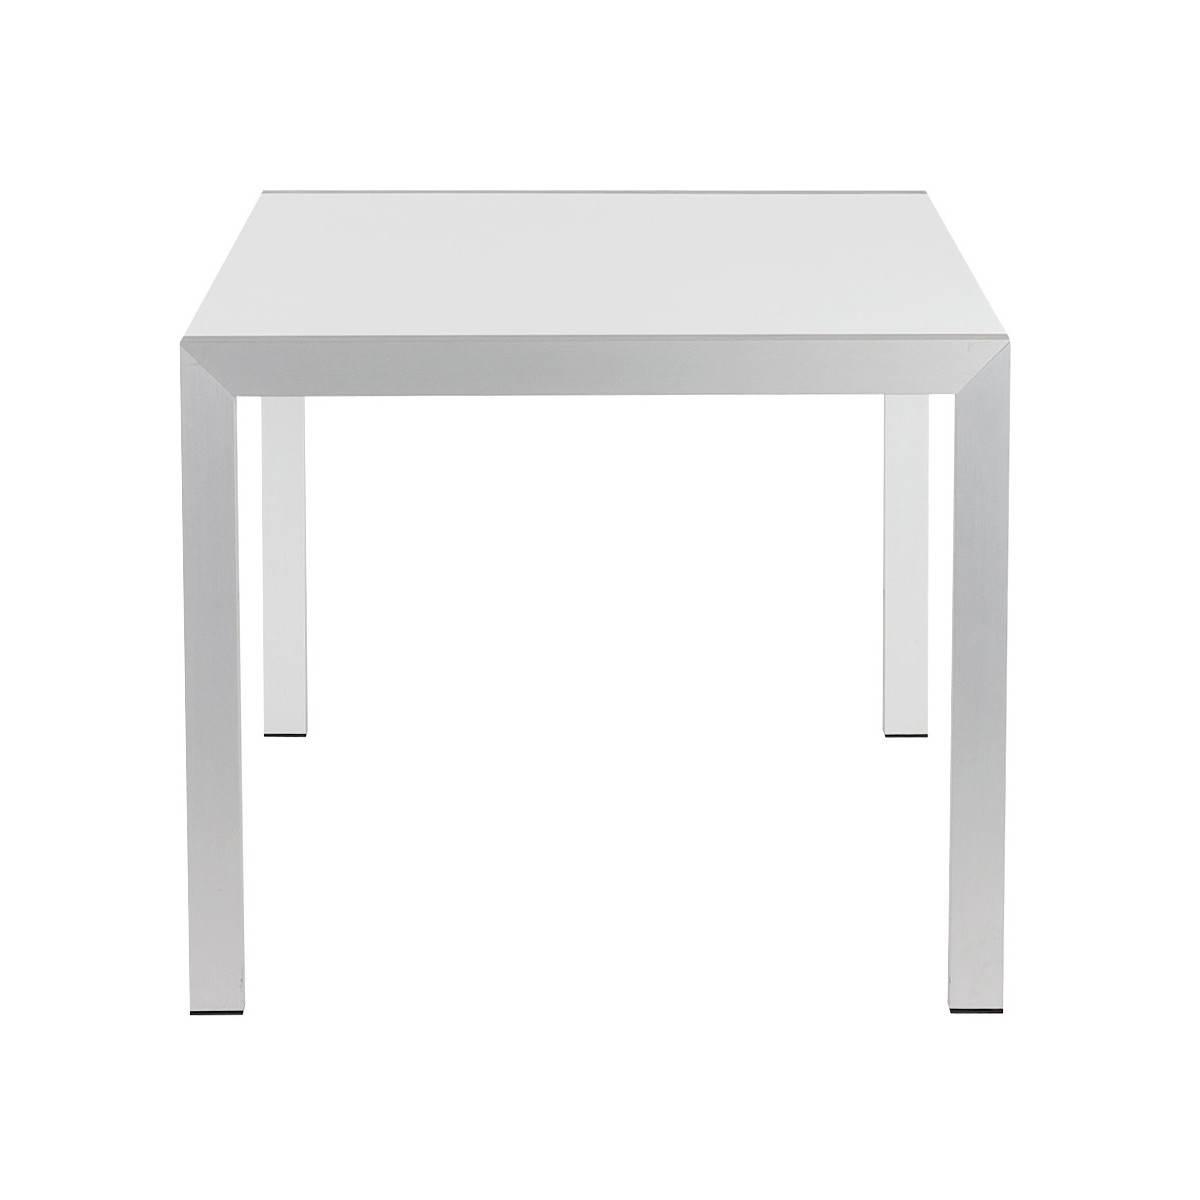 Table jardin bois laque blanc des id es for Table blanc laque rallonge